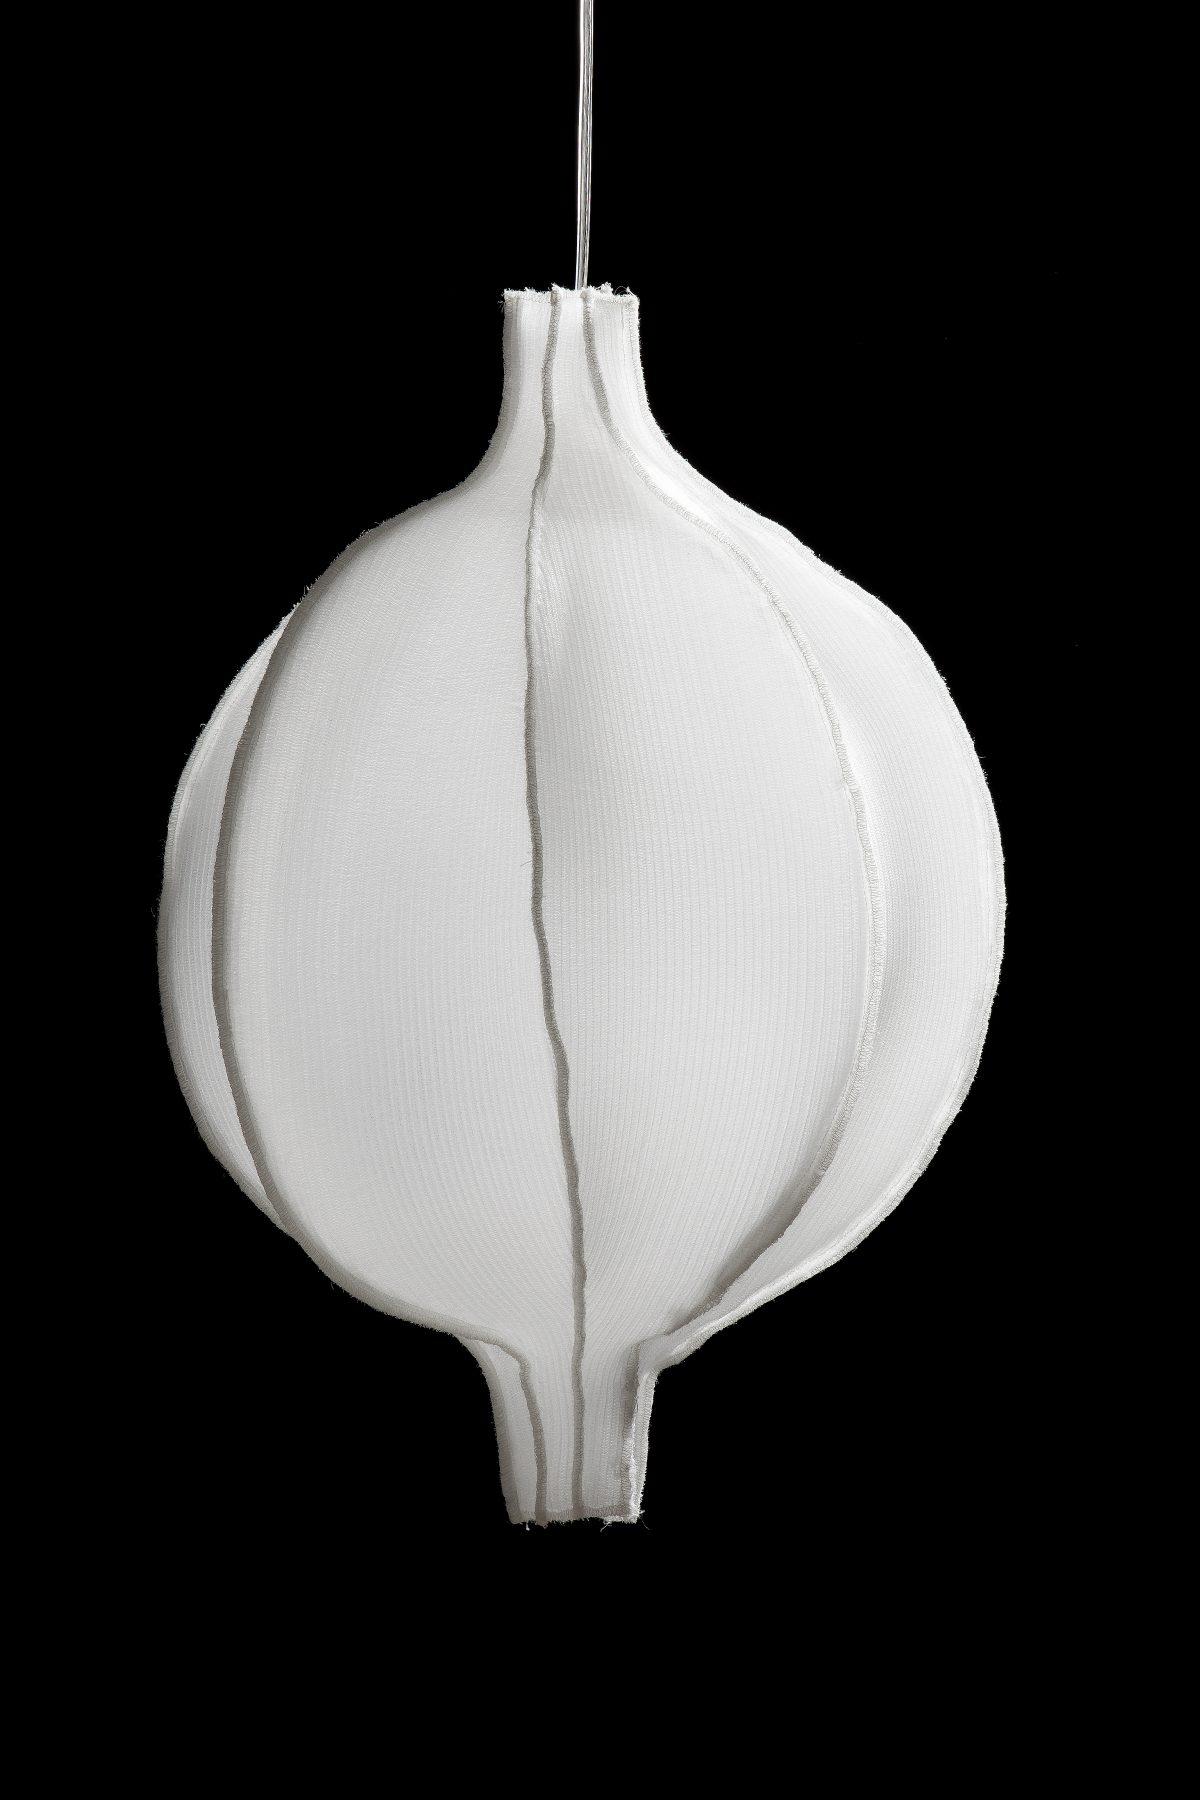 Radiolaria Discomedusa Infans hanglamp van Bernotat